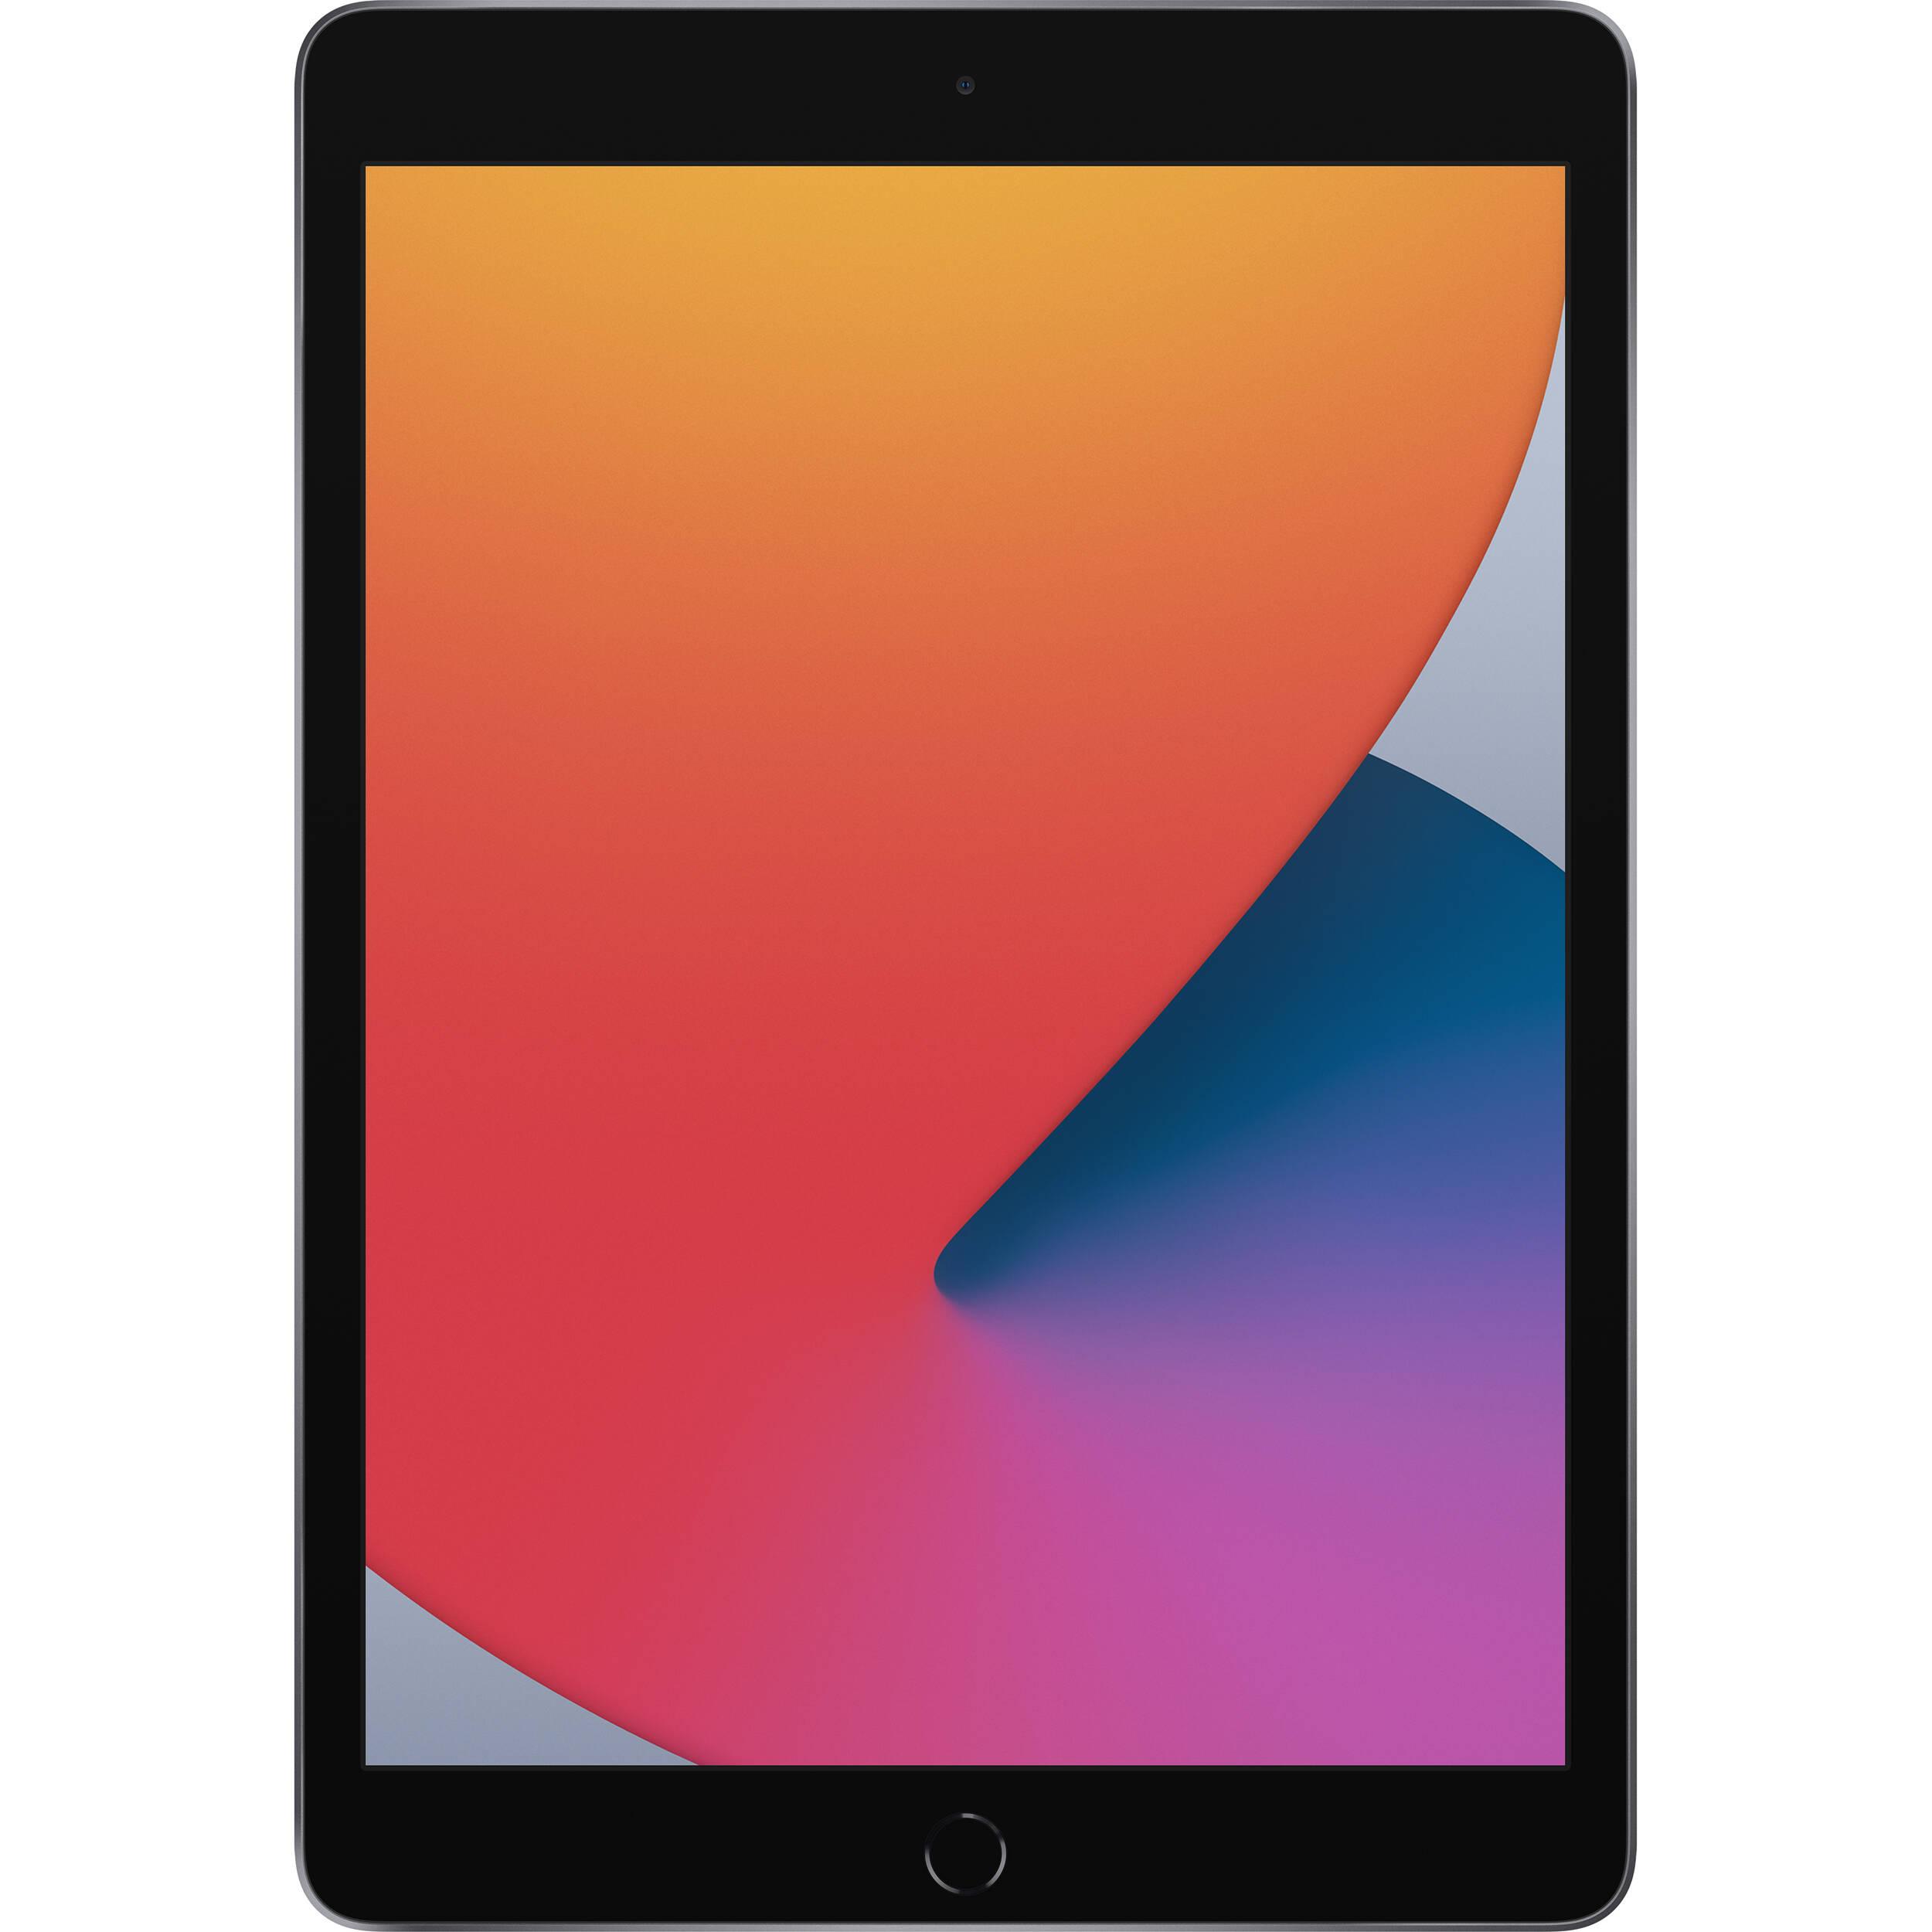 فروش نقدی و اقساطی تبلت اپل مدل iPad 10.2 inch 2020 WiFi ظرفیت 32 گیگابایت